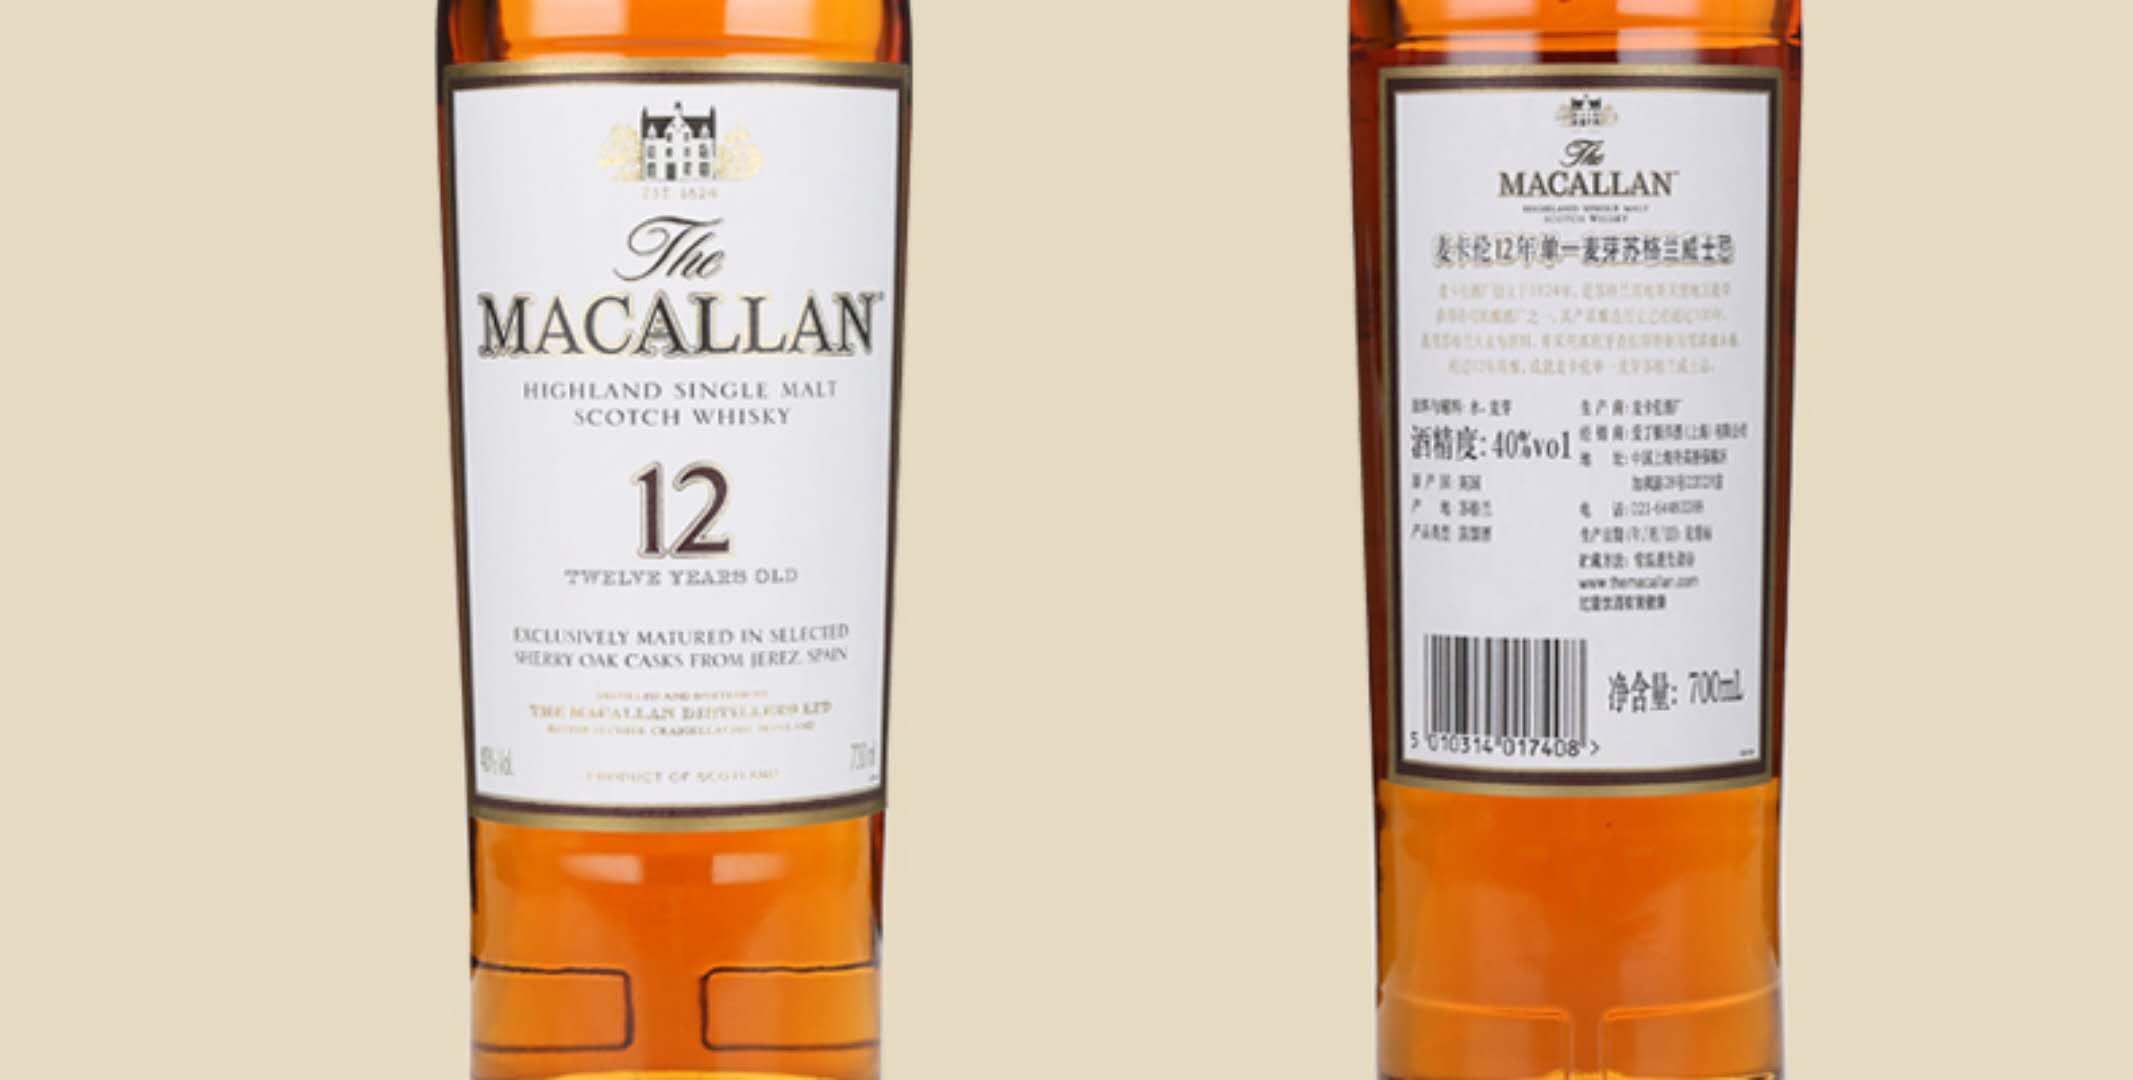 东莞洋酒加盟代理,东莞苏格兰威士忌加盟电话,东莞12年苏格兰威士忌招商代理,东莞苏格兰威士忌纯麦代理,苏格兰威士忌加盟